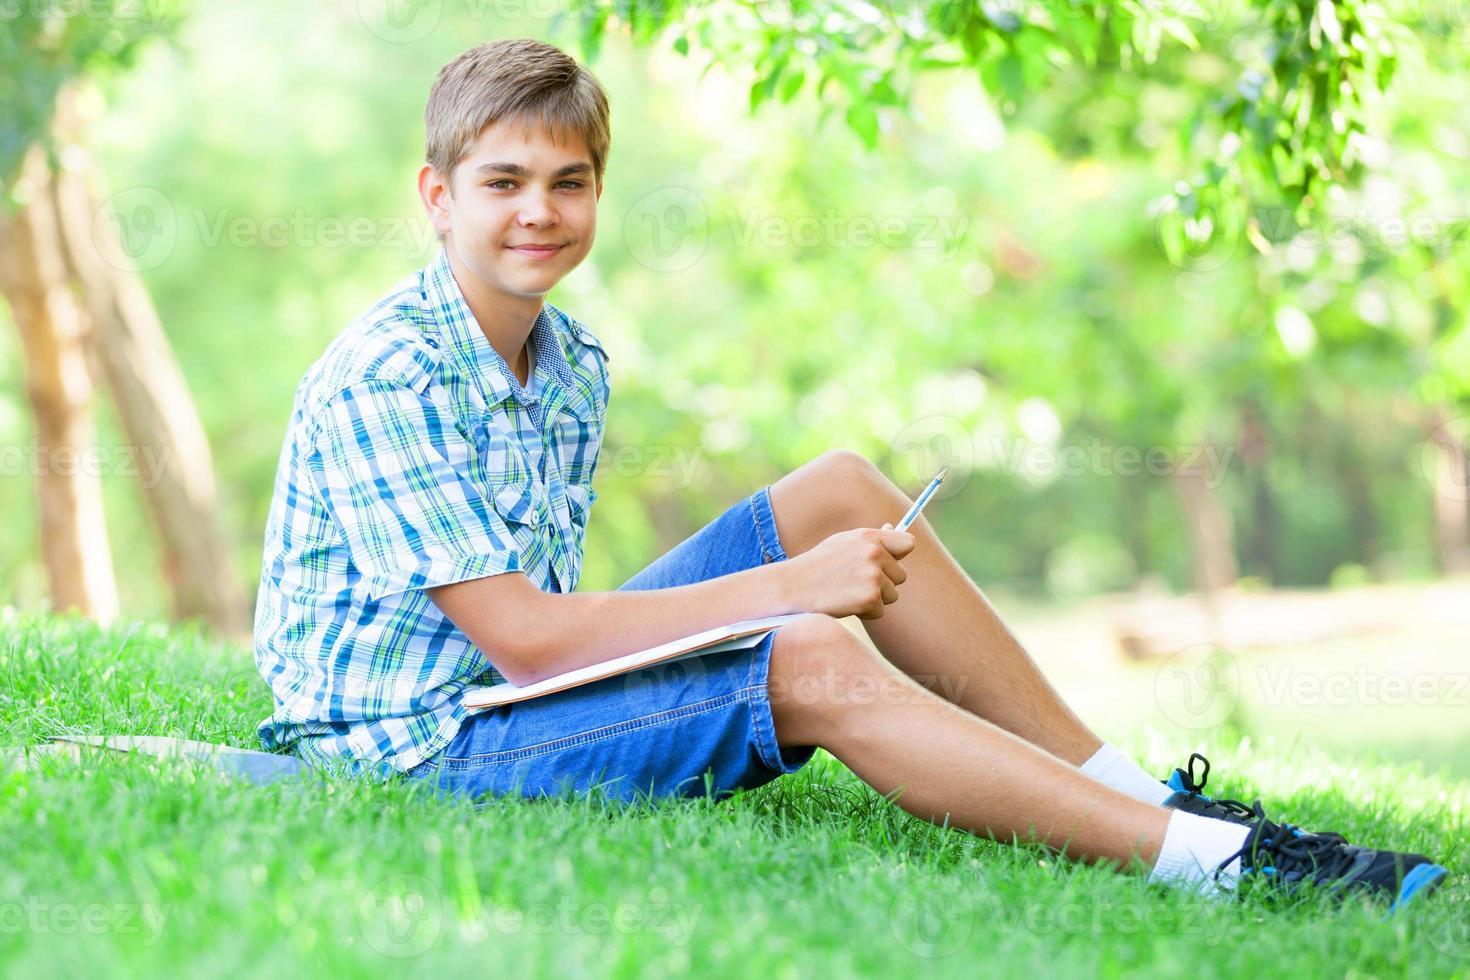 ragazzo teenager con libri e quaderno nel parco. foto